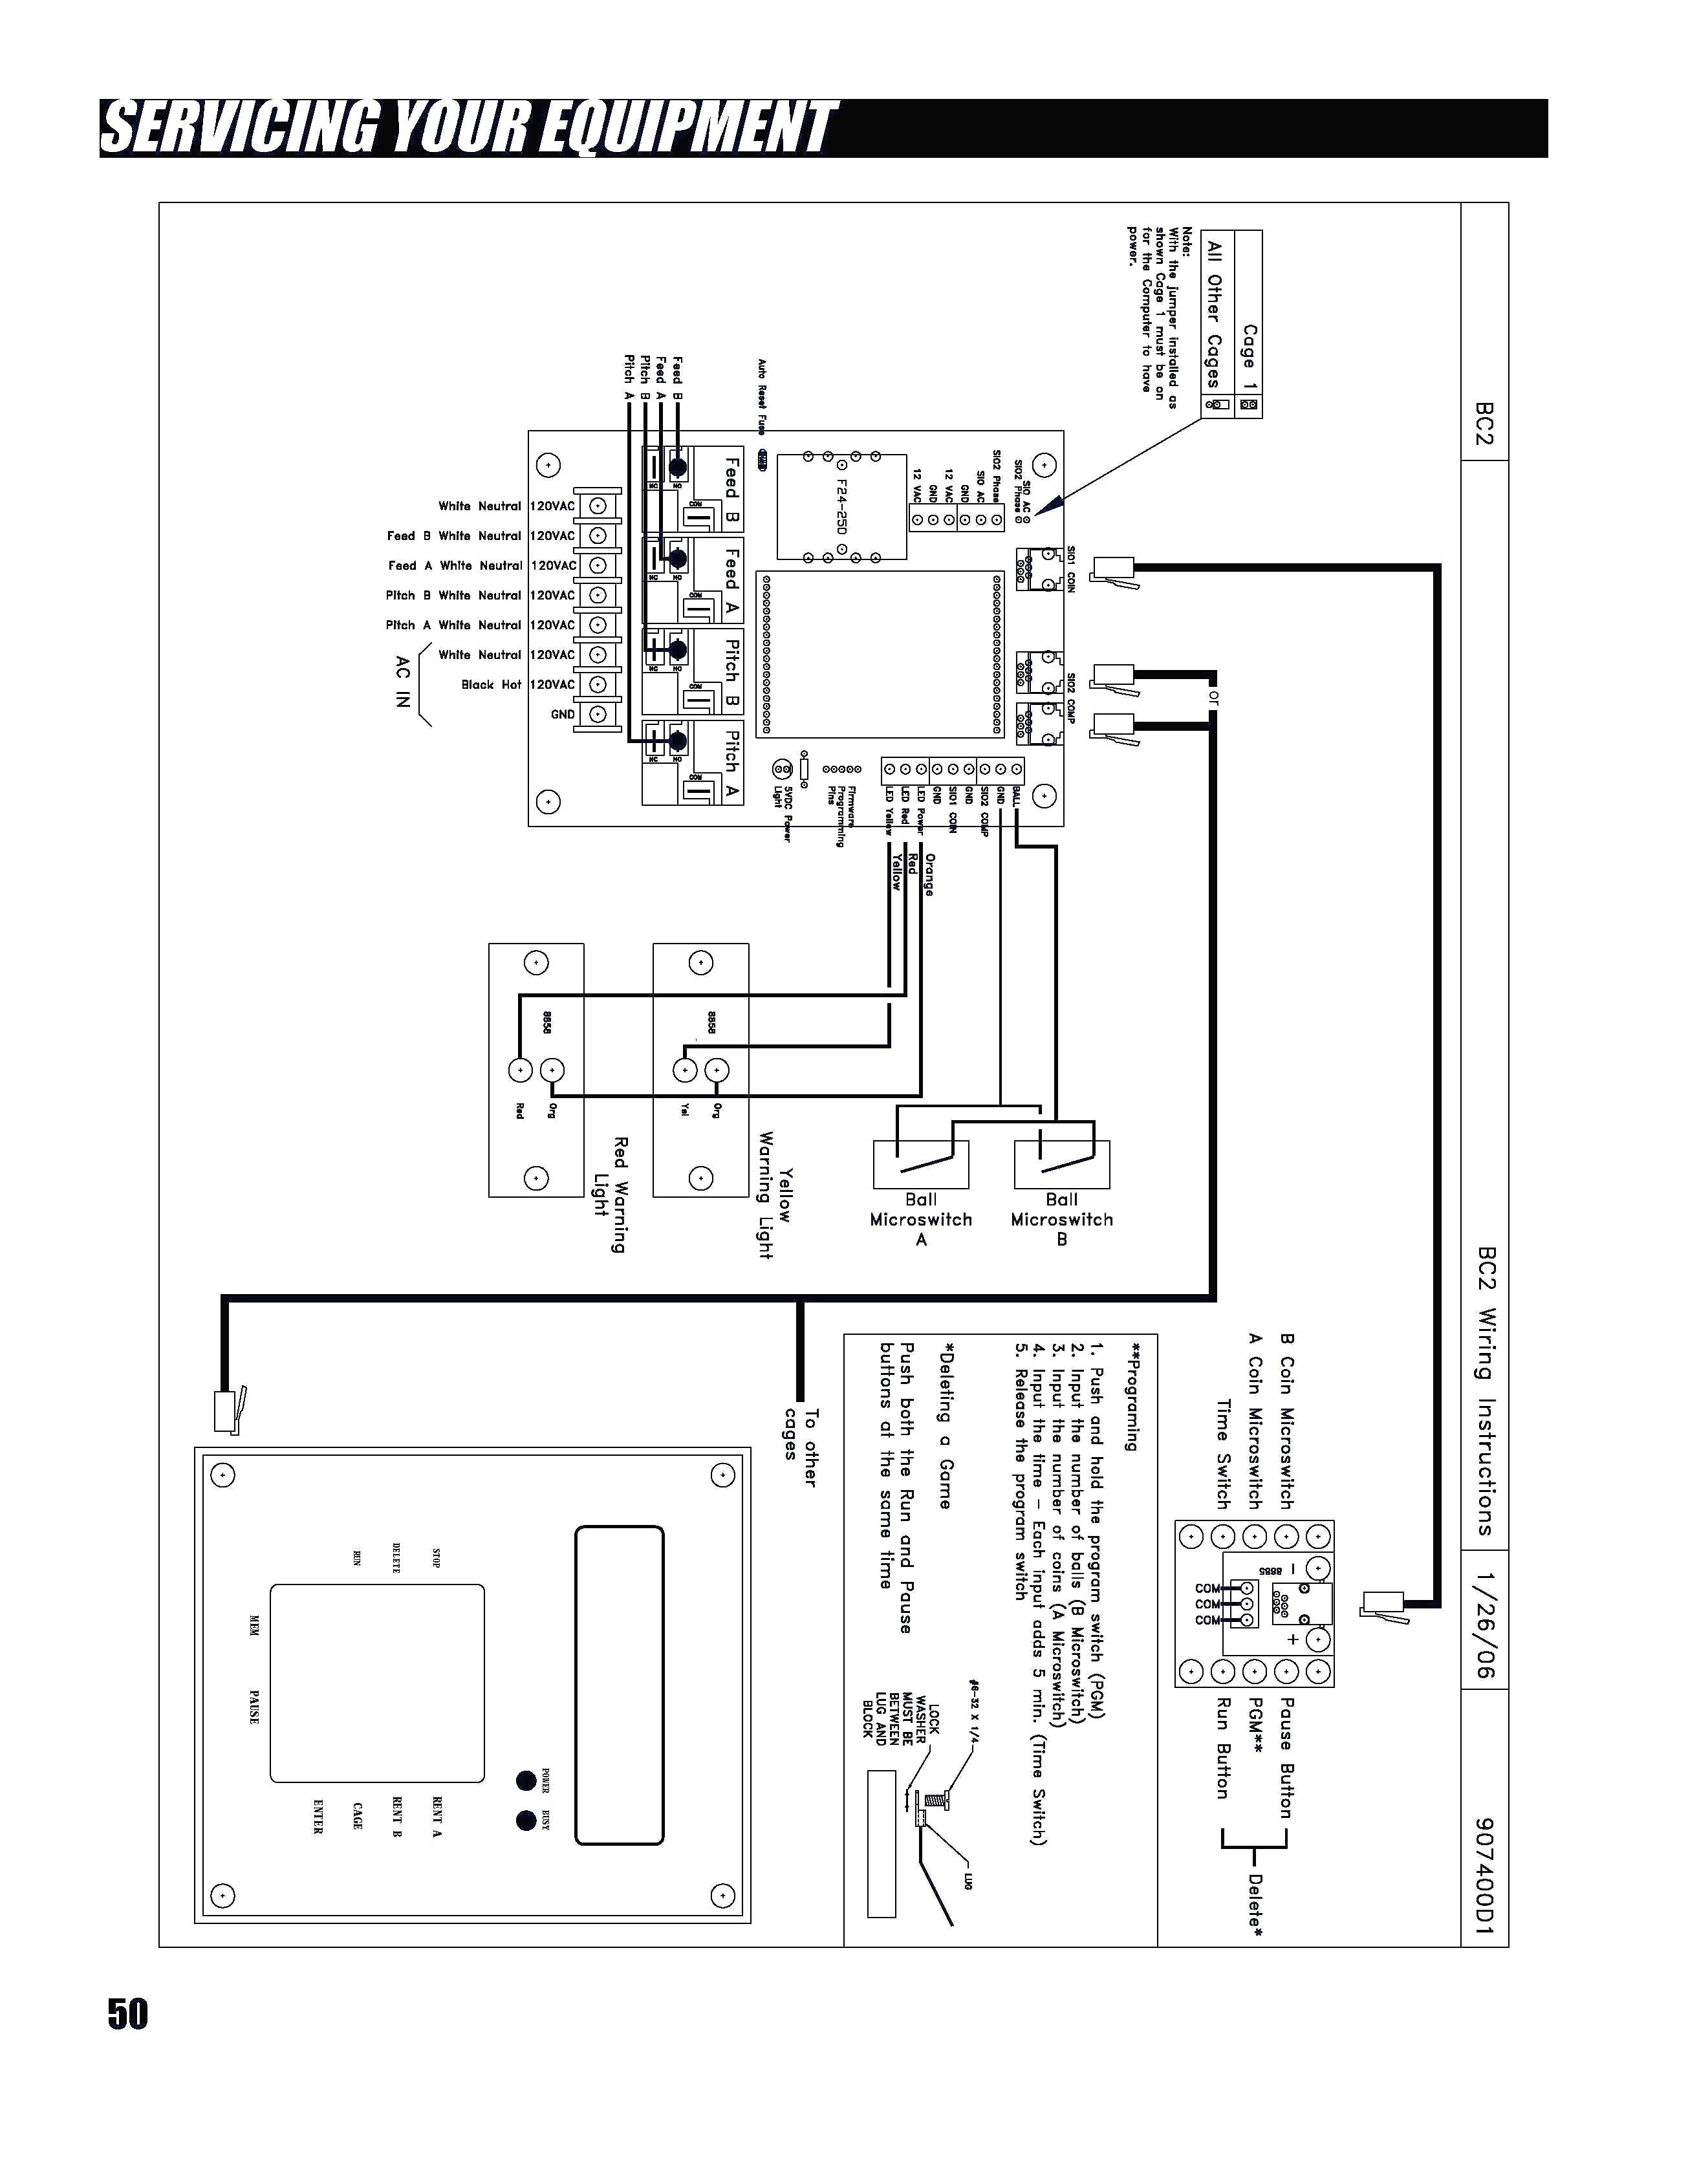 Electric Motor Wiring Diagram Carlplant Endear Leeson For Dayton Gear